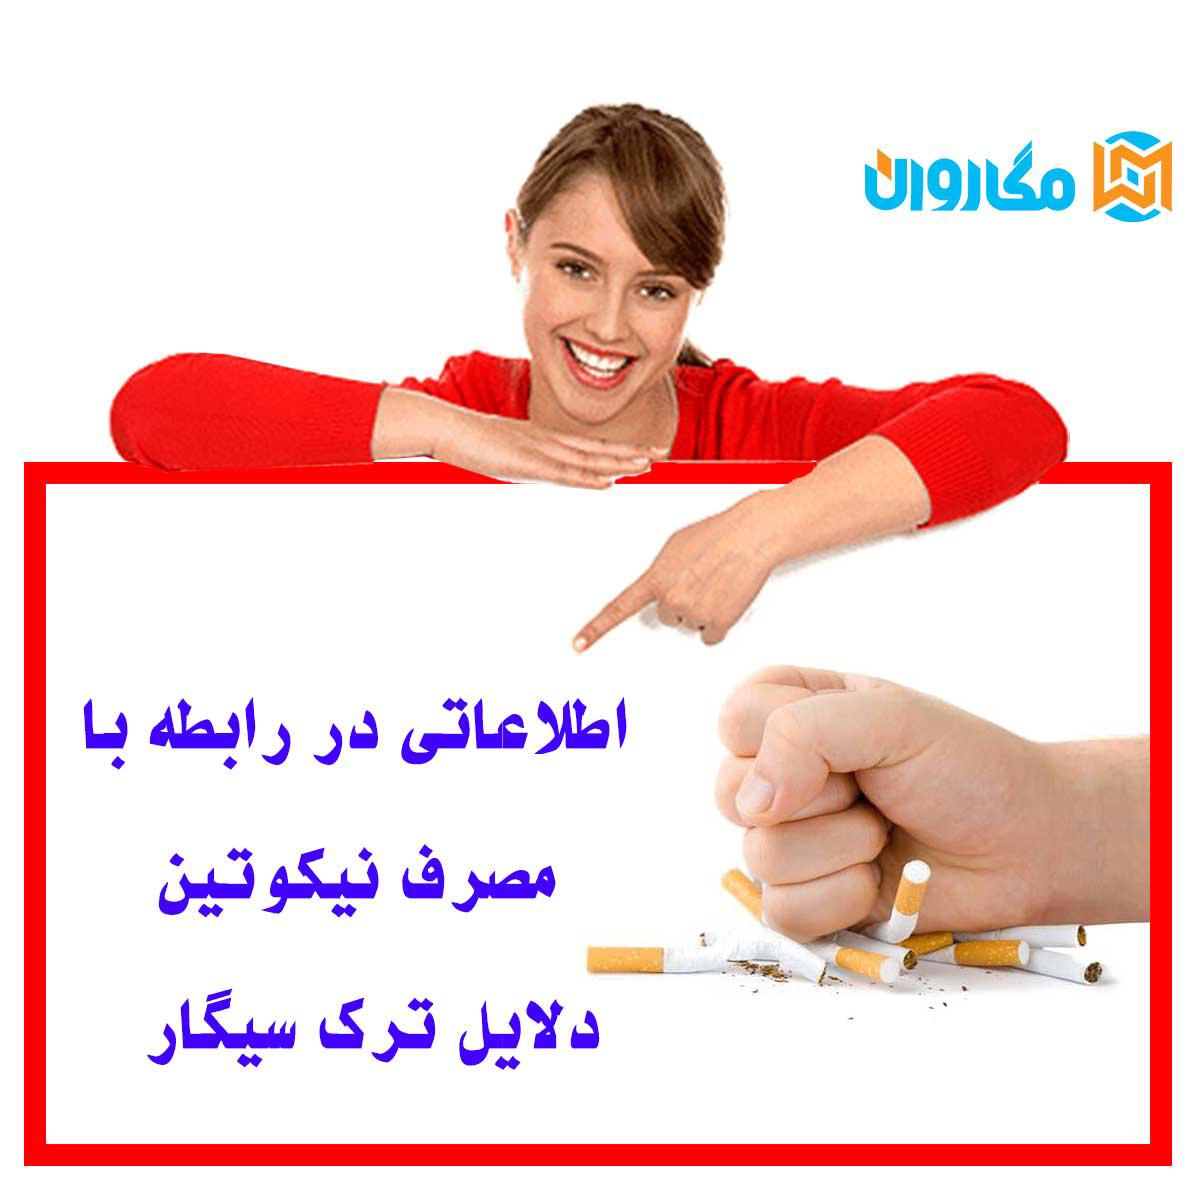 اطلاعاتی در رابطه با مصرف نیکوتین - دلایل ترک سیگار